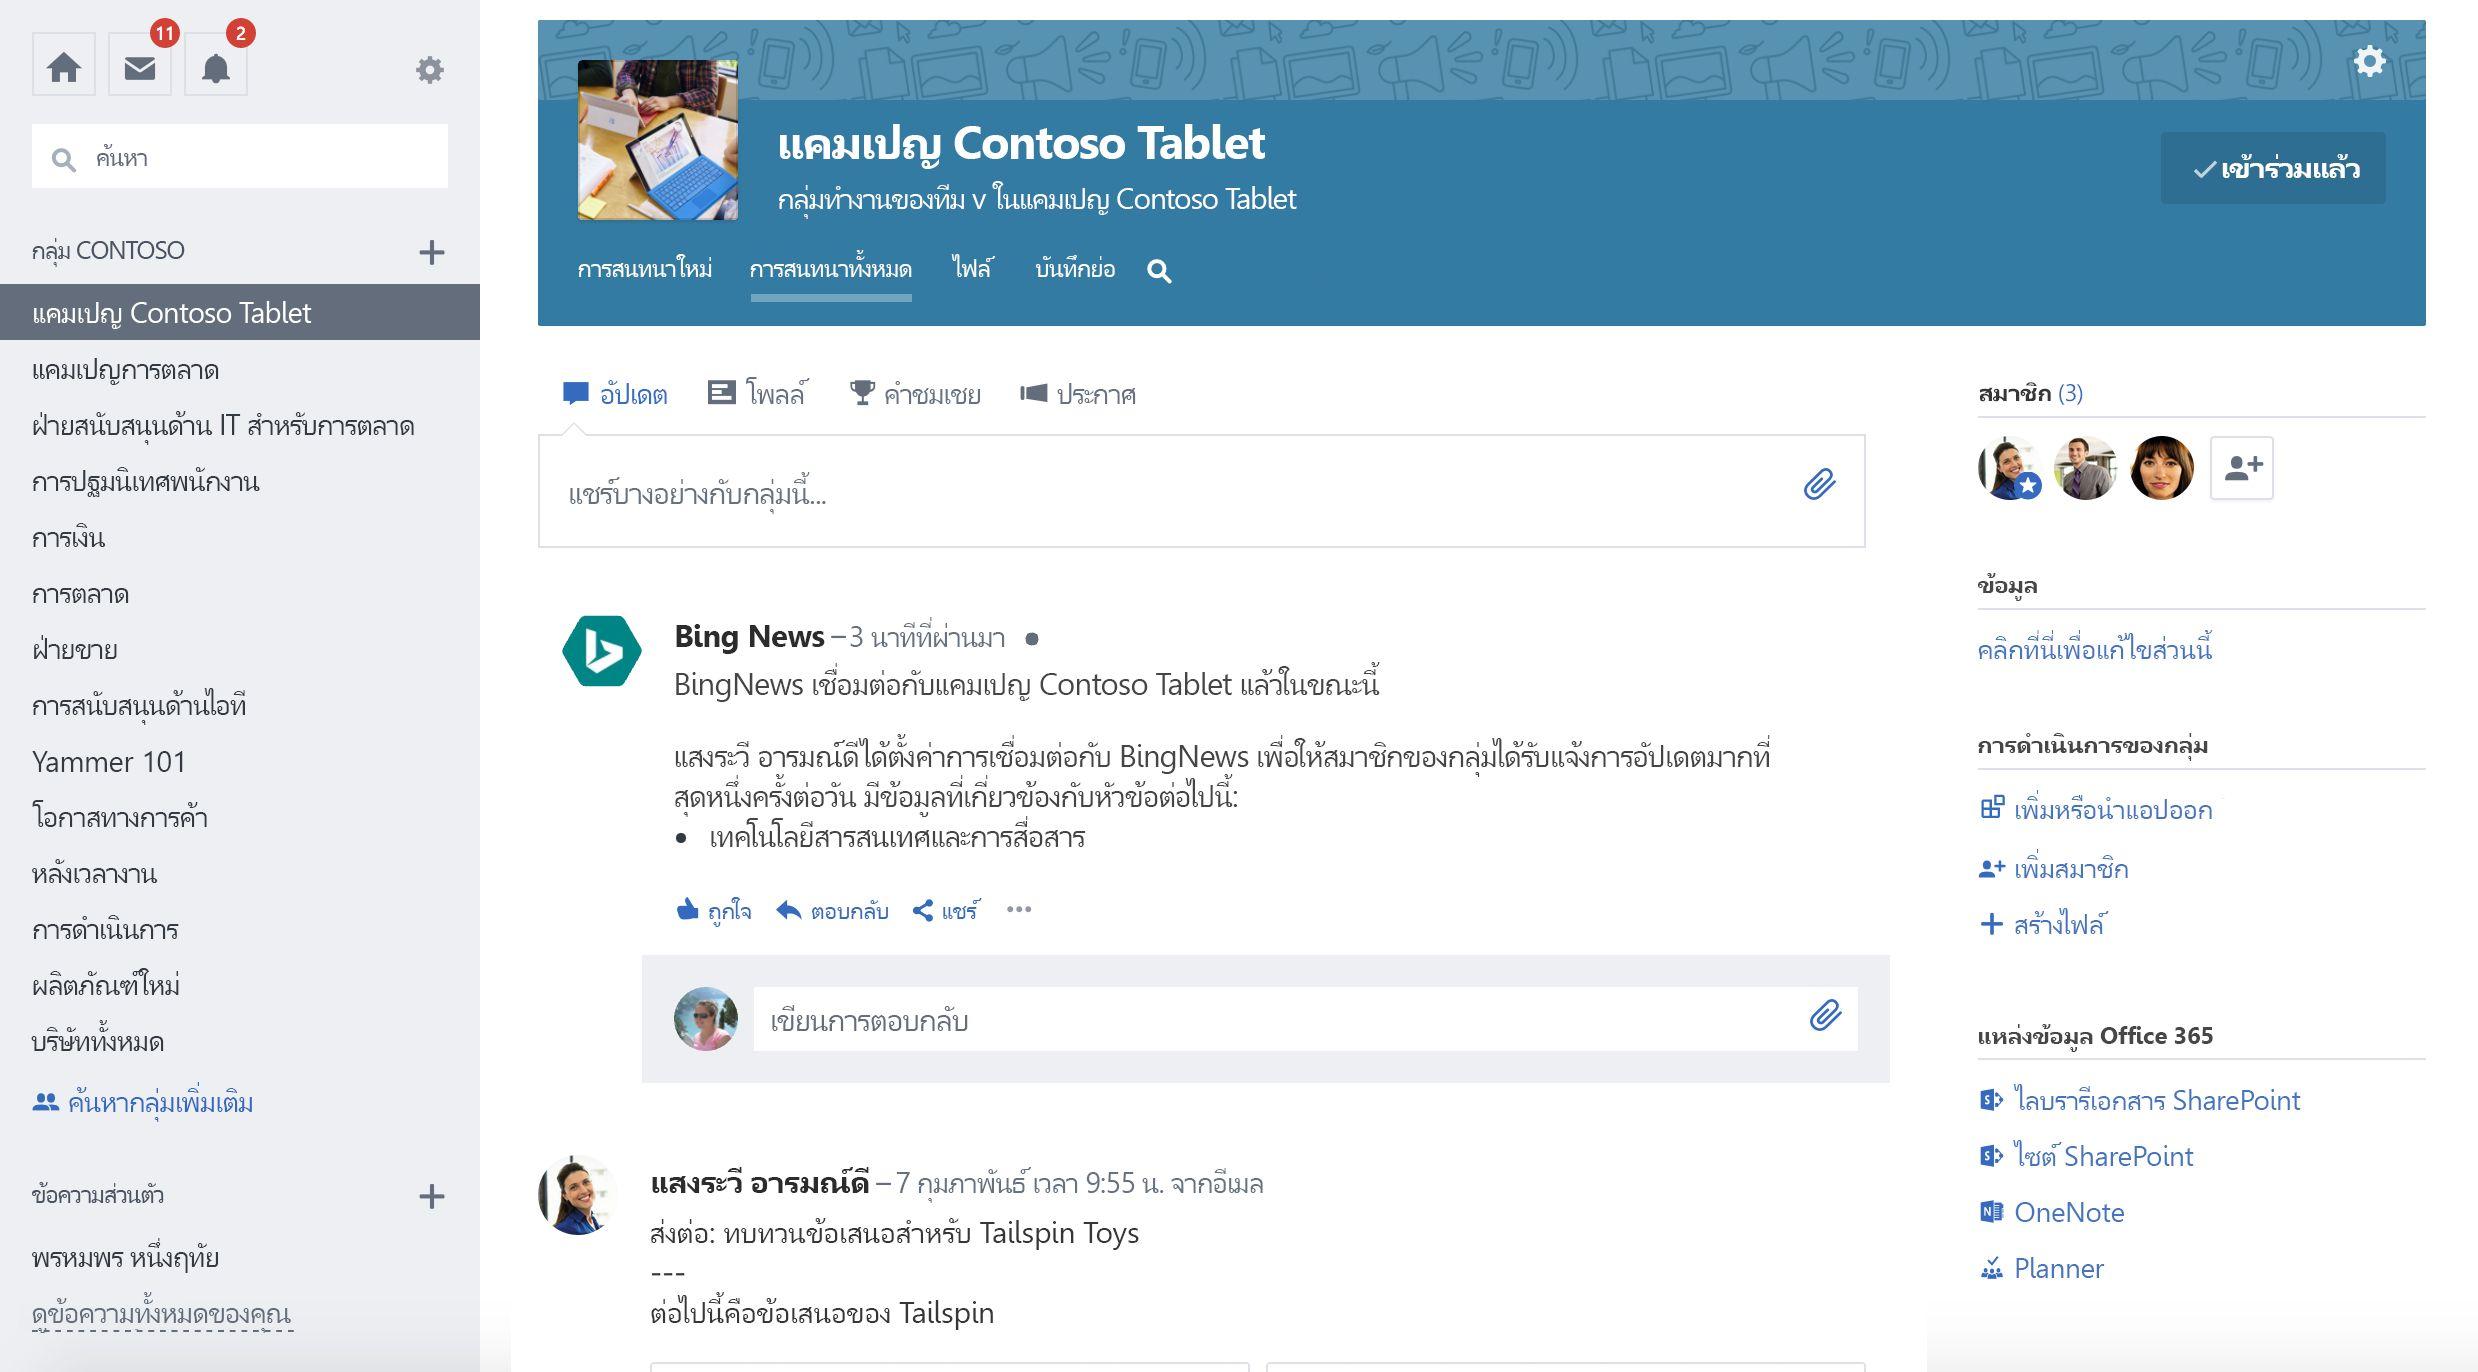 สกรีนช็อตของ Office 365 กลุ่ม Yammer ที่เชื่อมโยงกับการเชื่อมต่อใหม่